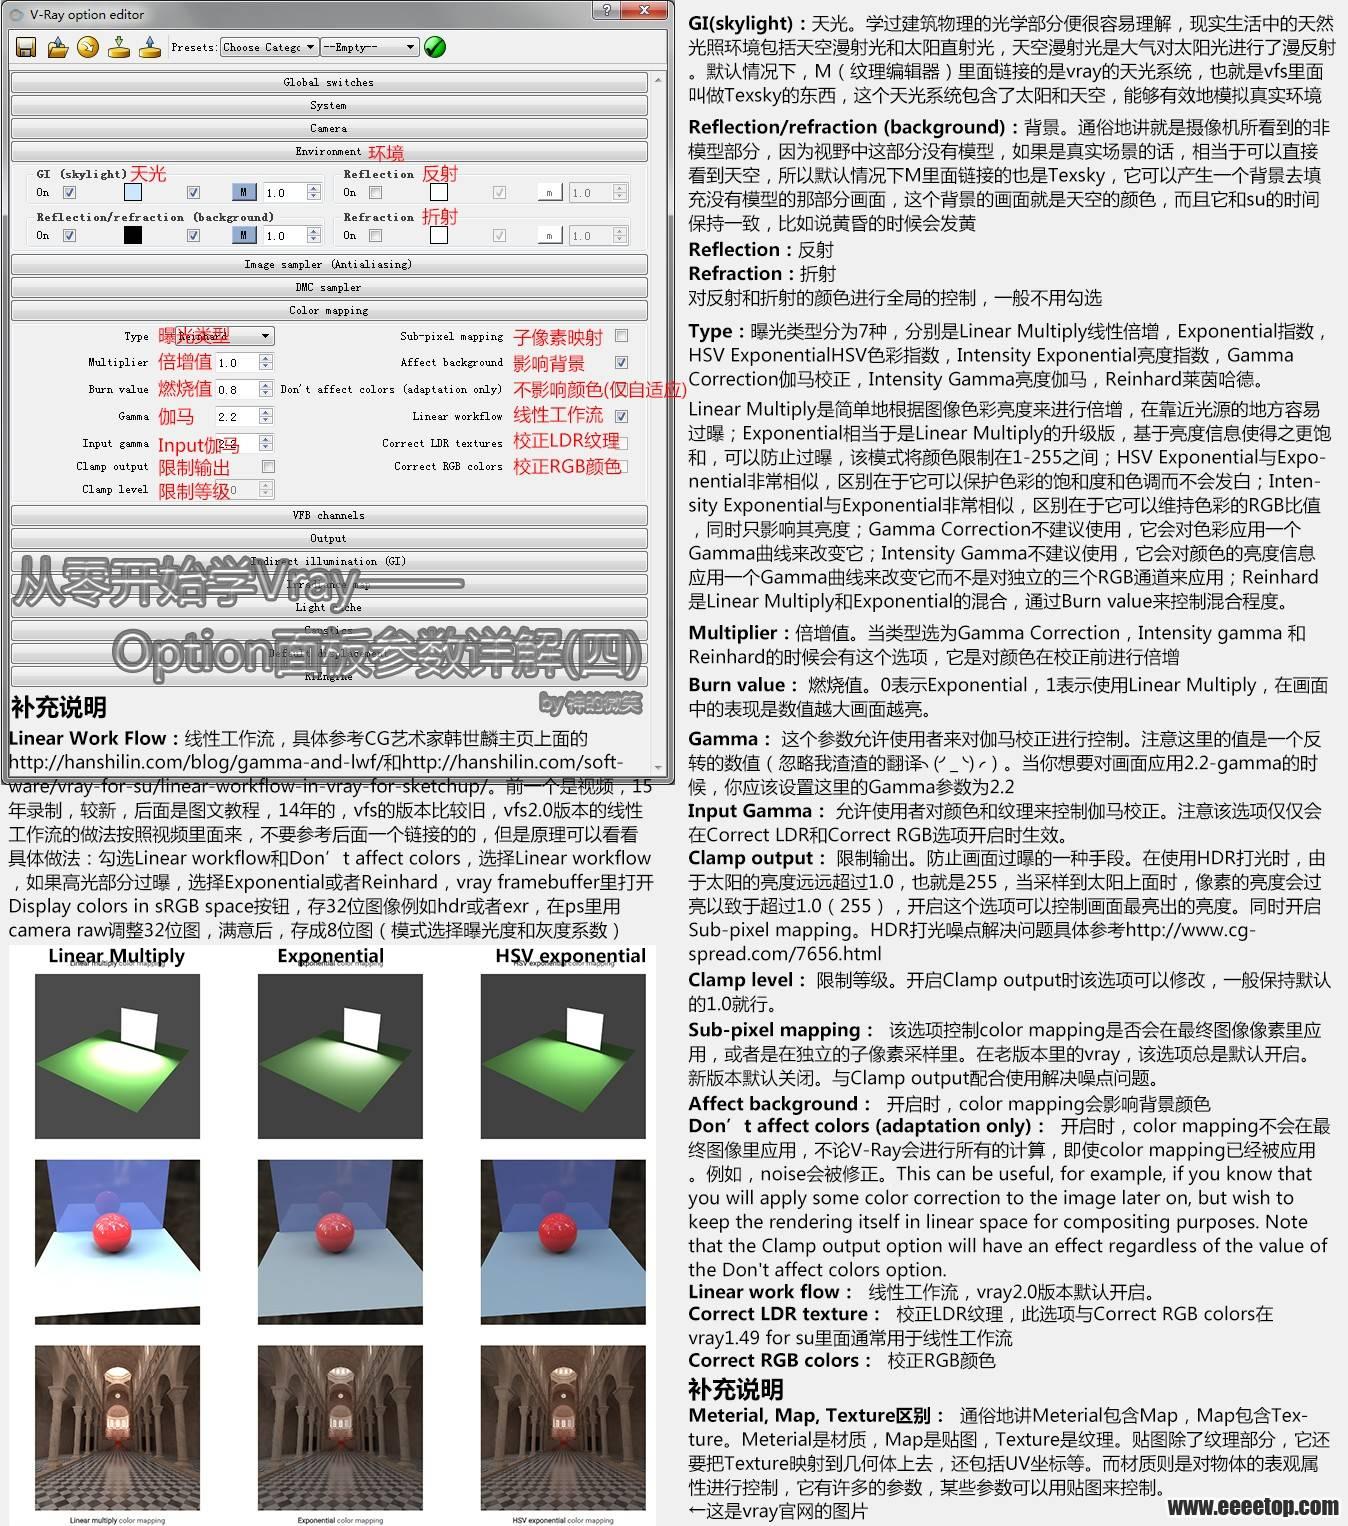 【转】建议收藏 Vray Option设置面板、灯光面板、通道参数详解 - R站|学习使我快乐! - 4